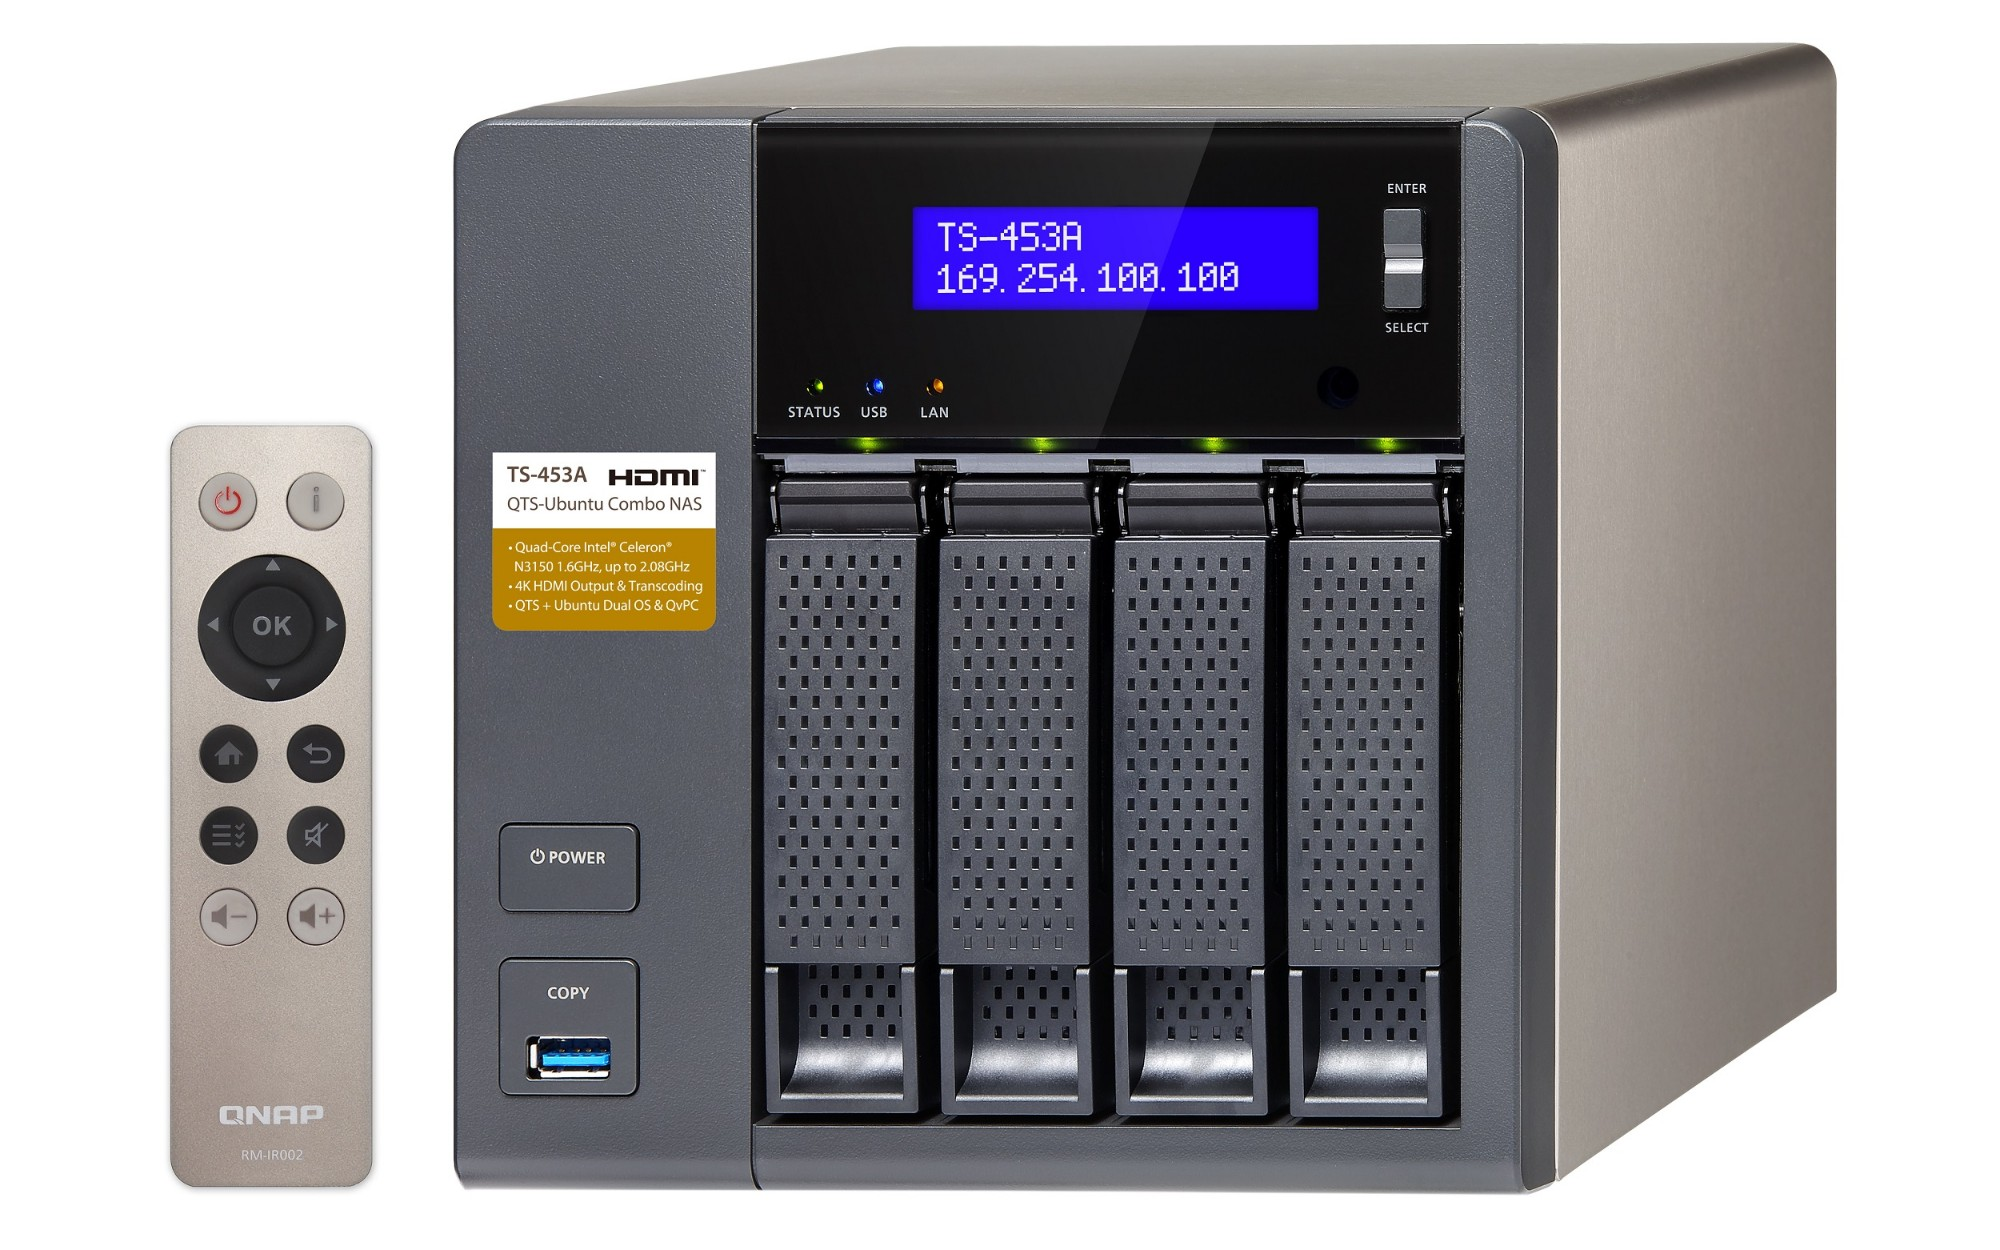 QNAP TS-453A-4G/24TB-RED PRO 4 Bay NAS